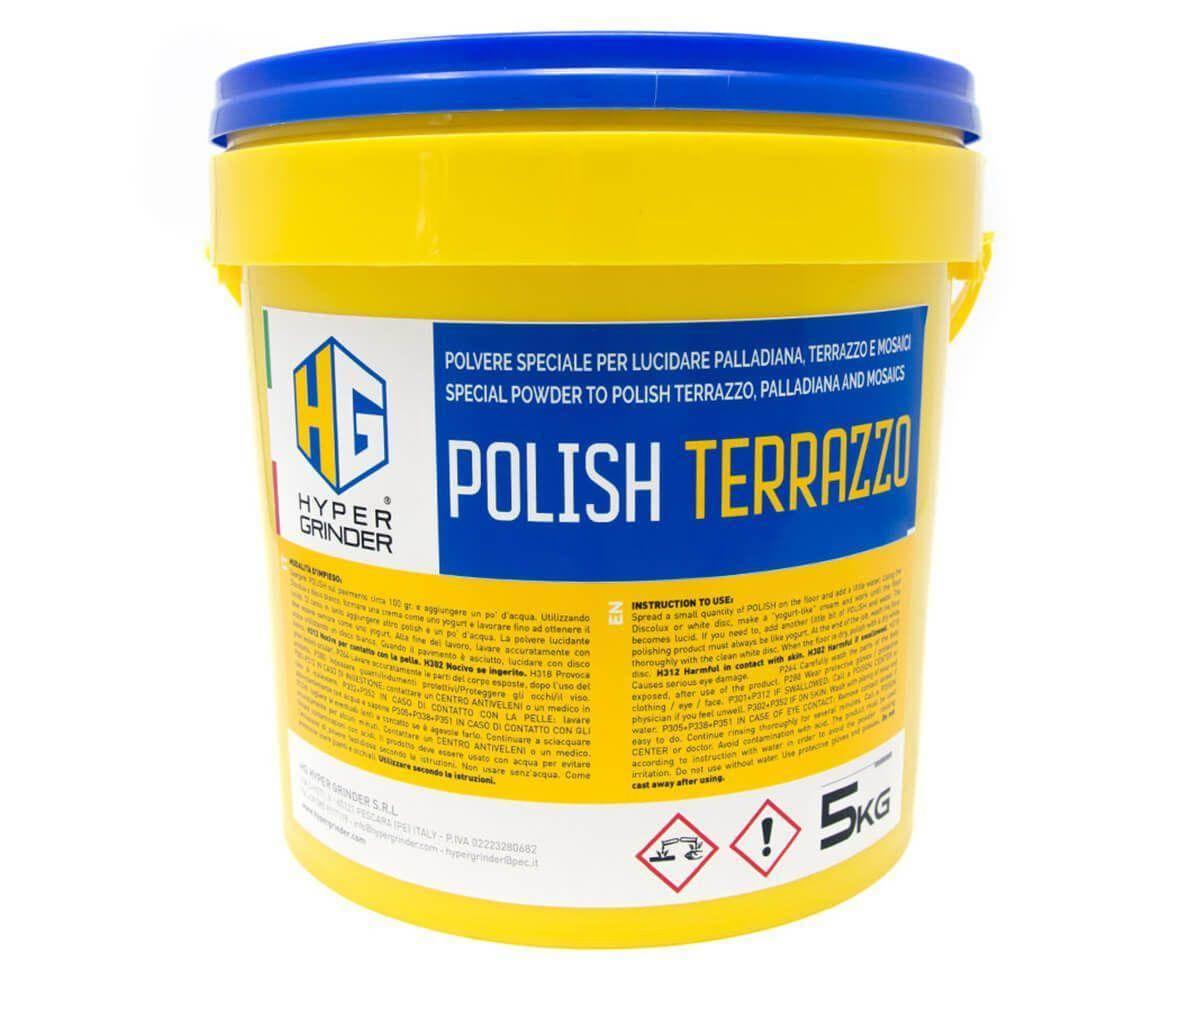 polishterrazzo 1236